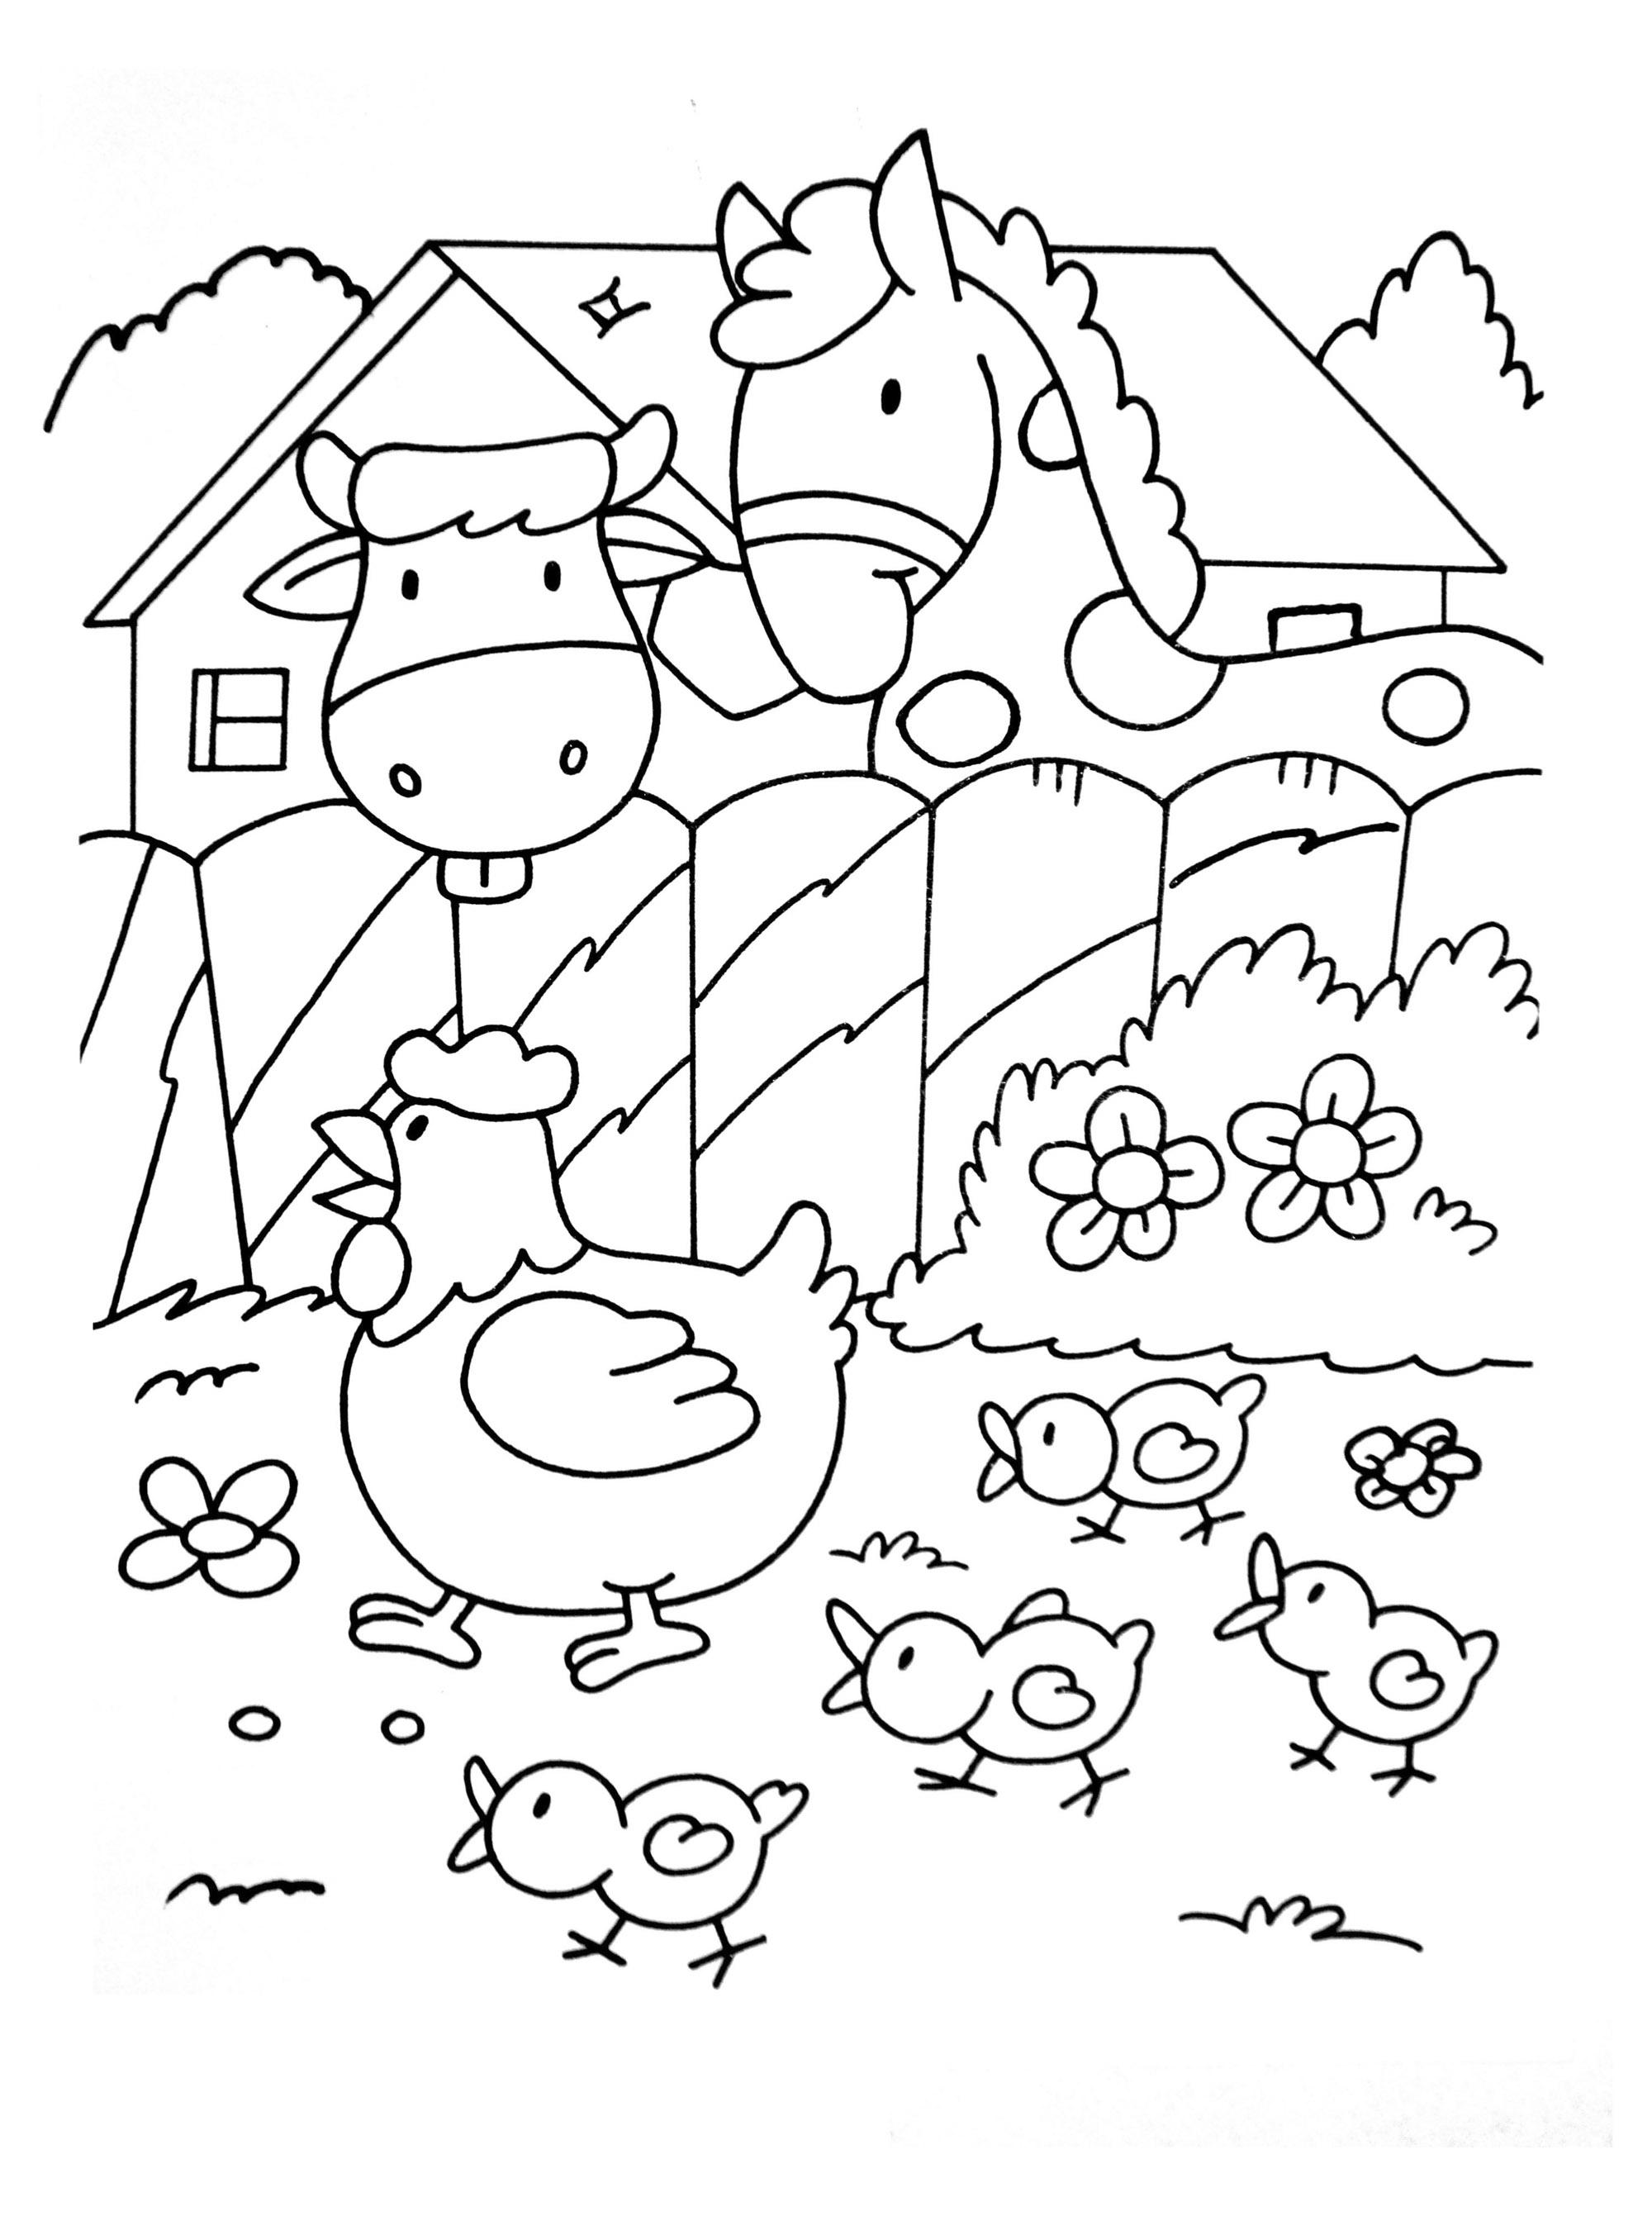 Coloriage sur la Ferme (tracteurs, fermier, animaux...) - Coloriages pour enfants : coloriage-a ...